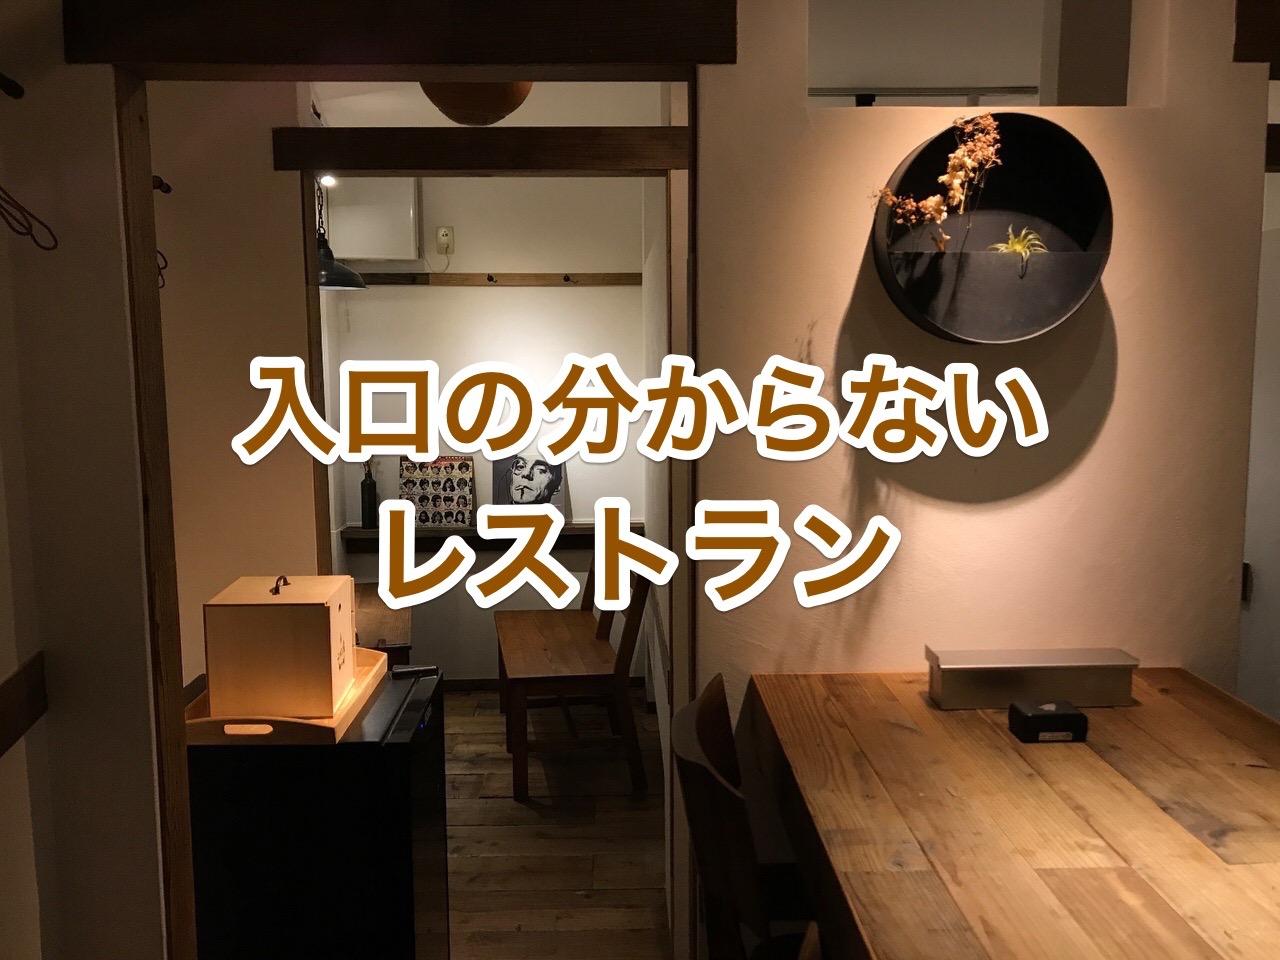 「二十三夜ごちそう」入口の分からない美味しいレストラン【五反田】